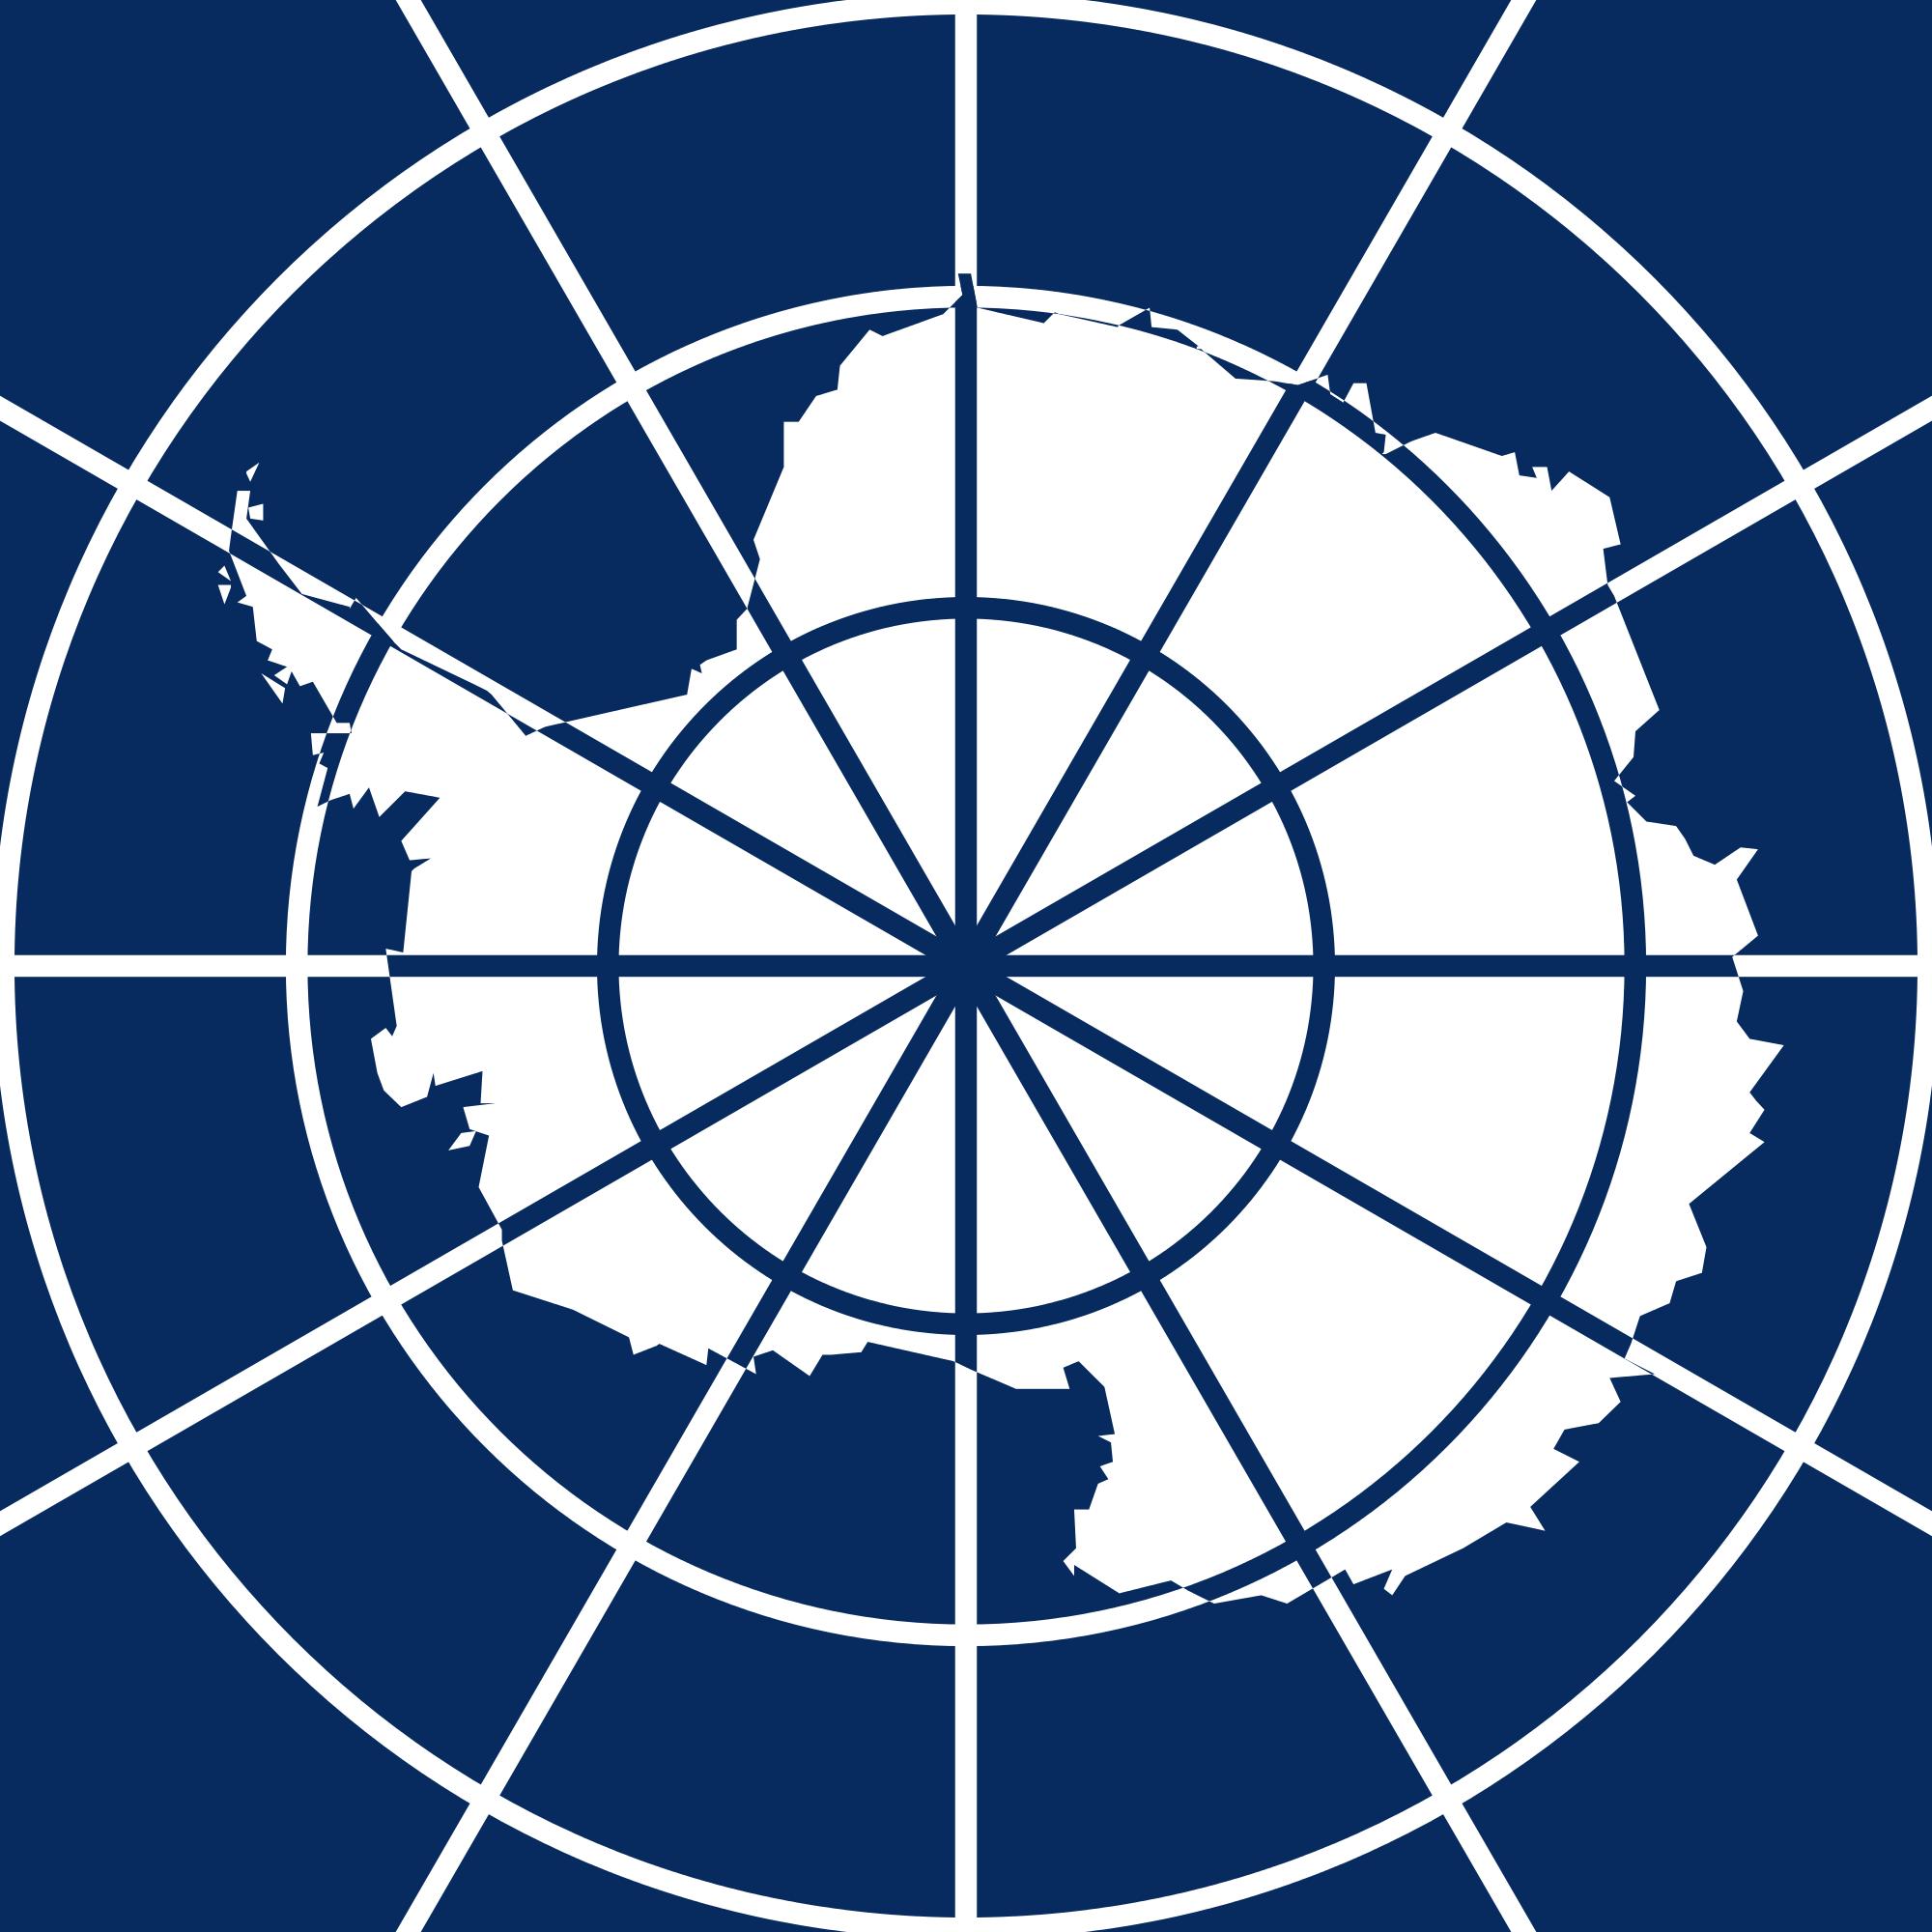 Ανταρκτική, χώρα, έμβλημα, λογότυπο, σύμβολο - Wallpapers HD - Professor-falken.com